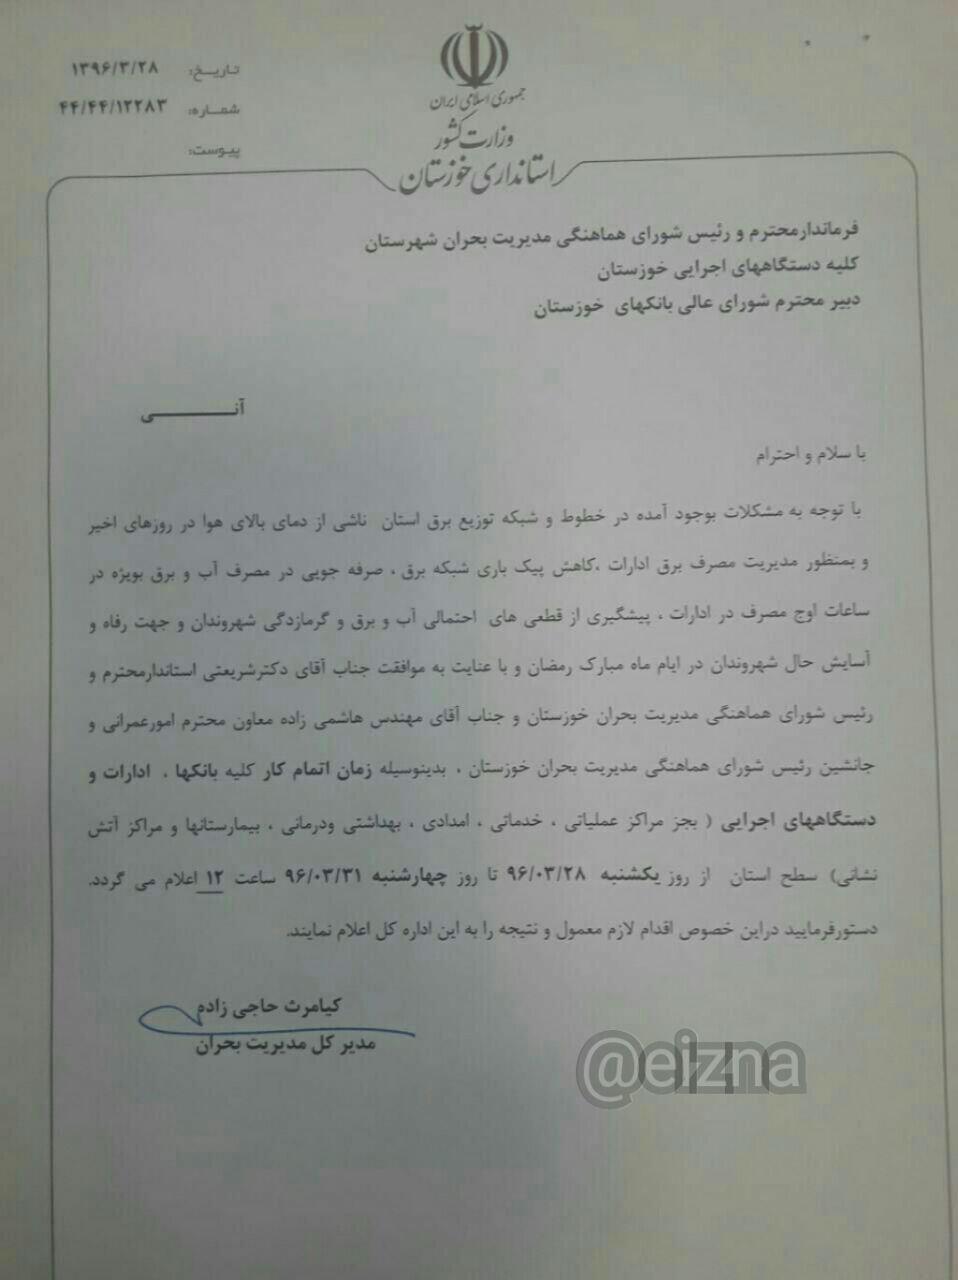 تا پایان هفته جاری ادارات خوزستان در ساعت ۱۲ تعطیل میشود